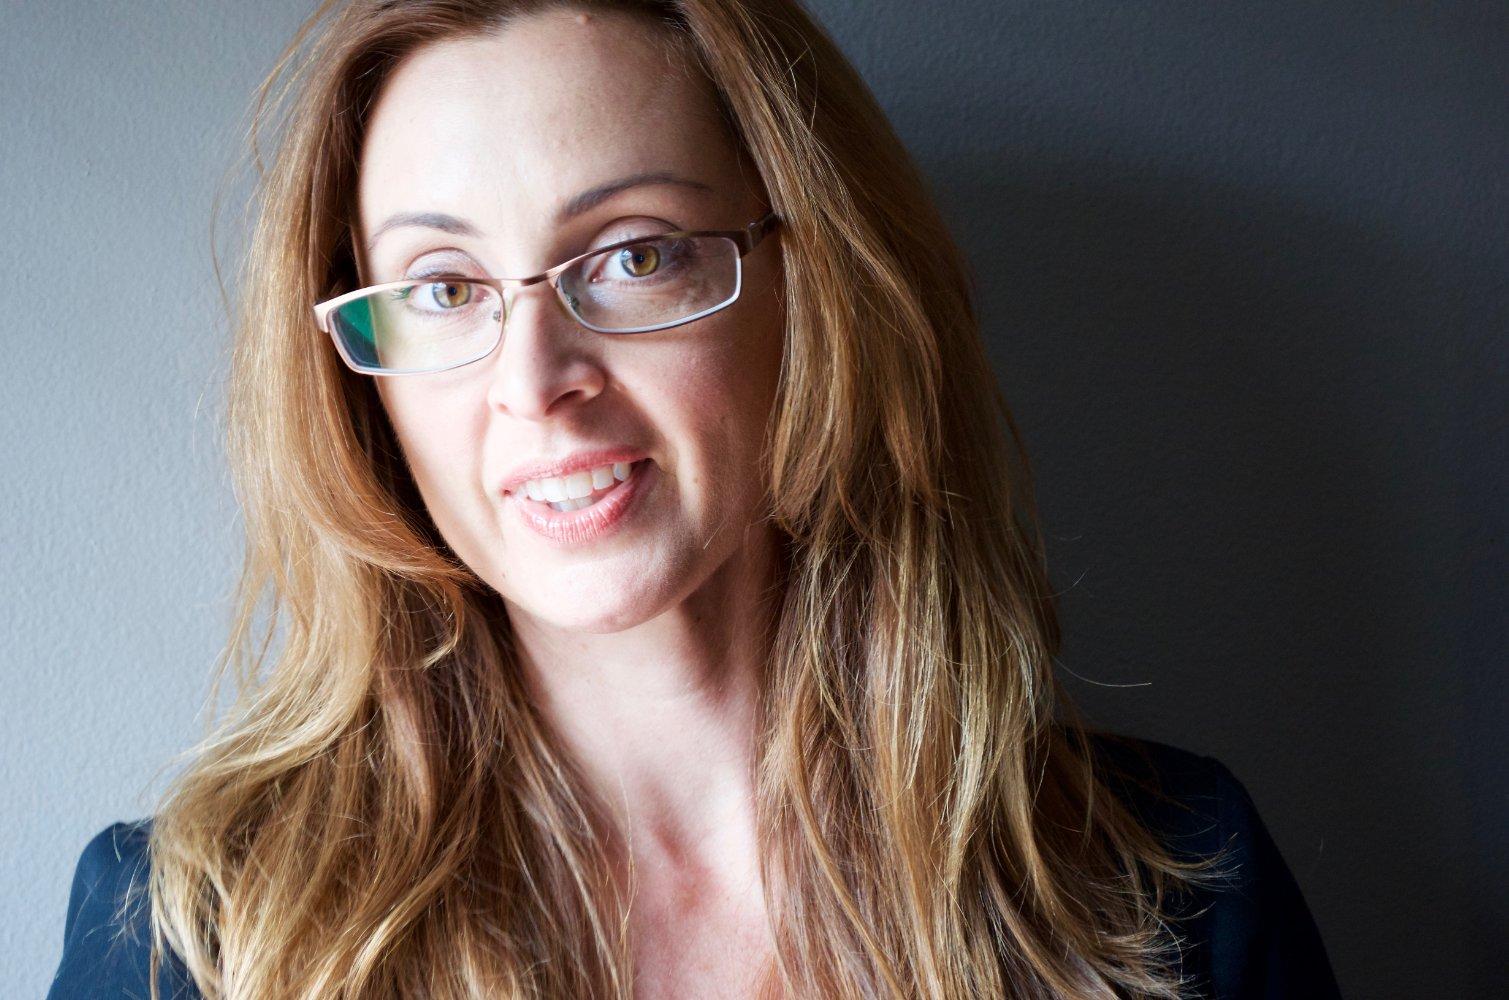 Amber Wegner